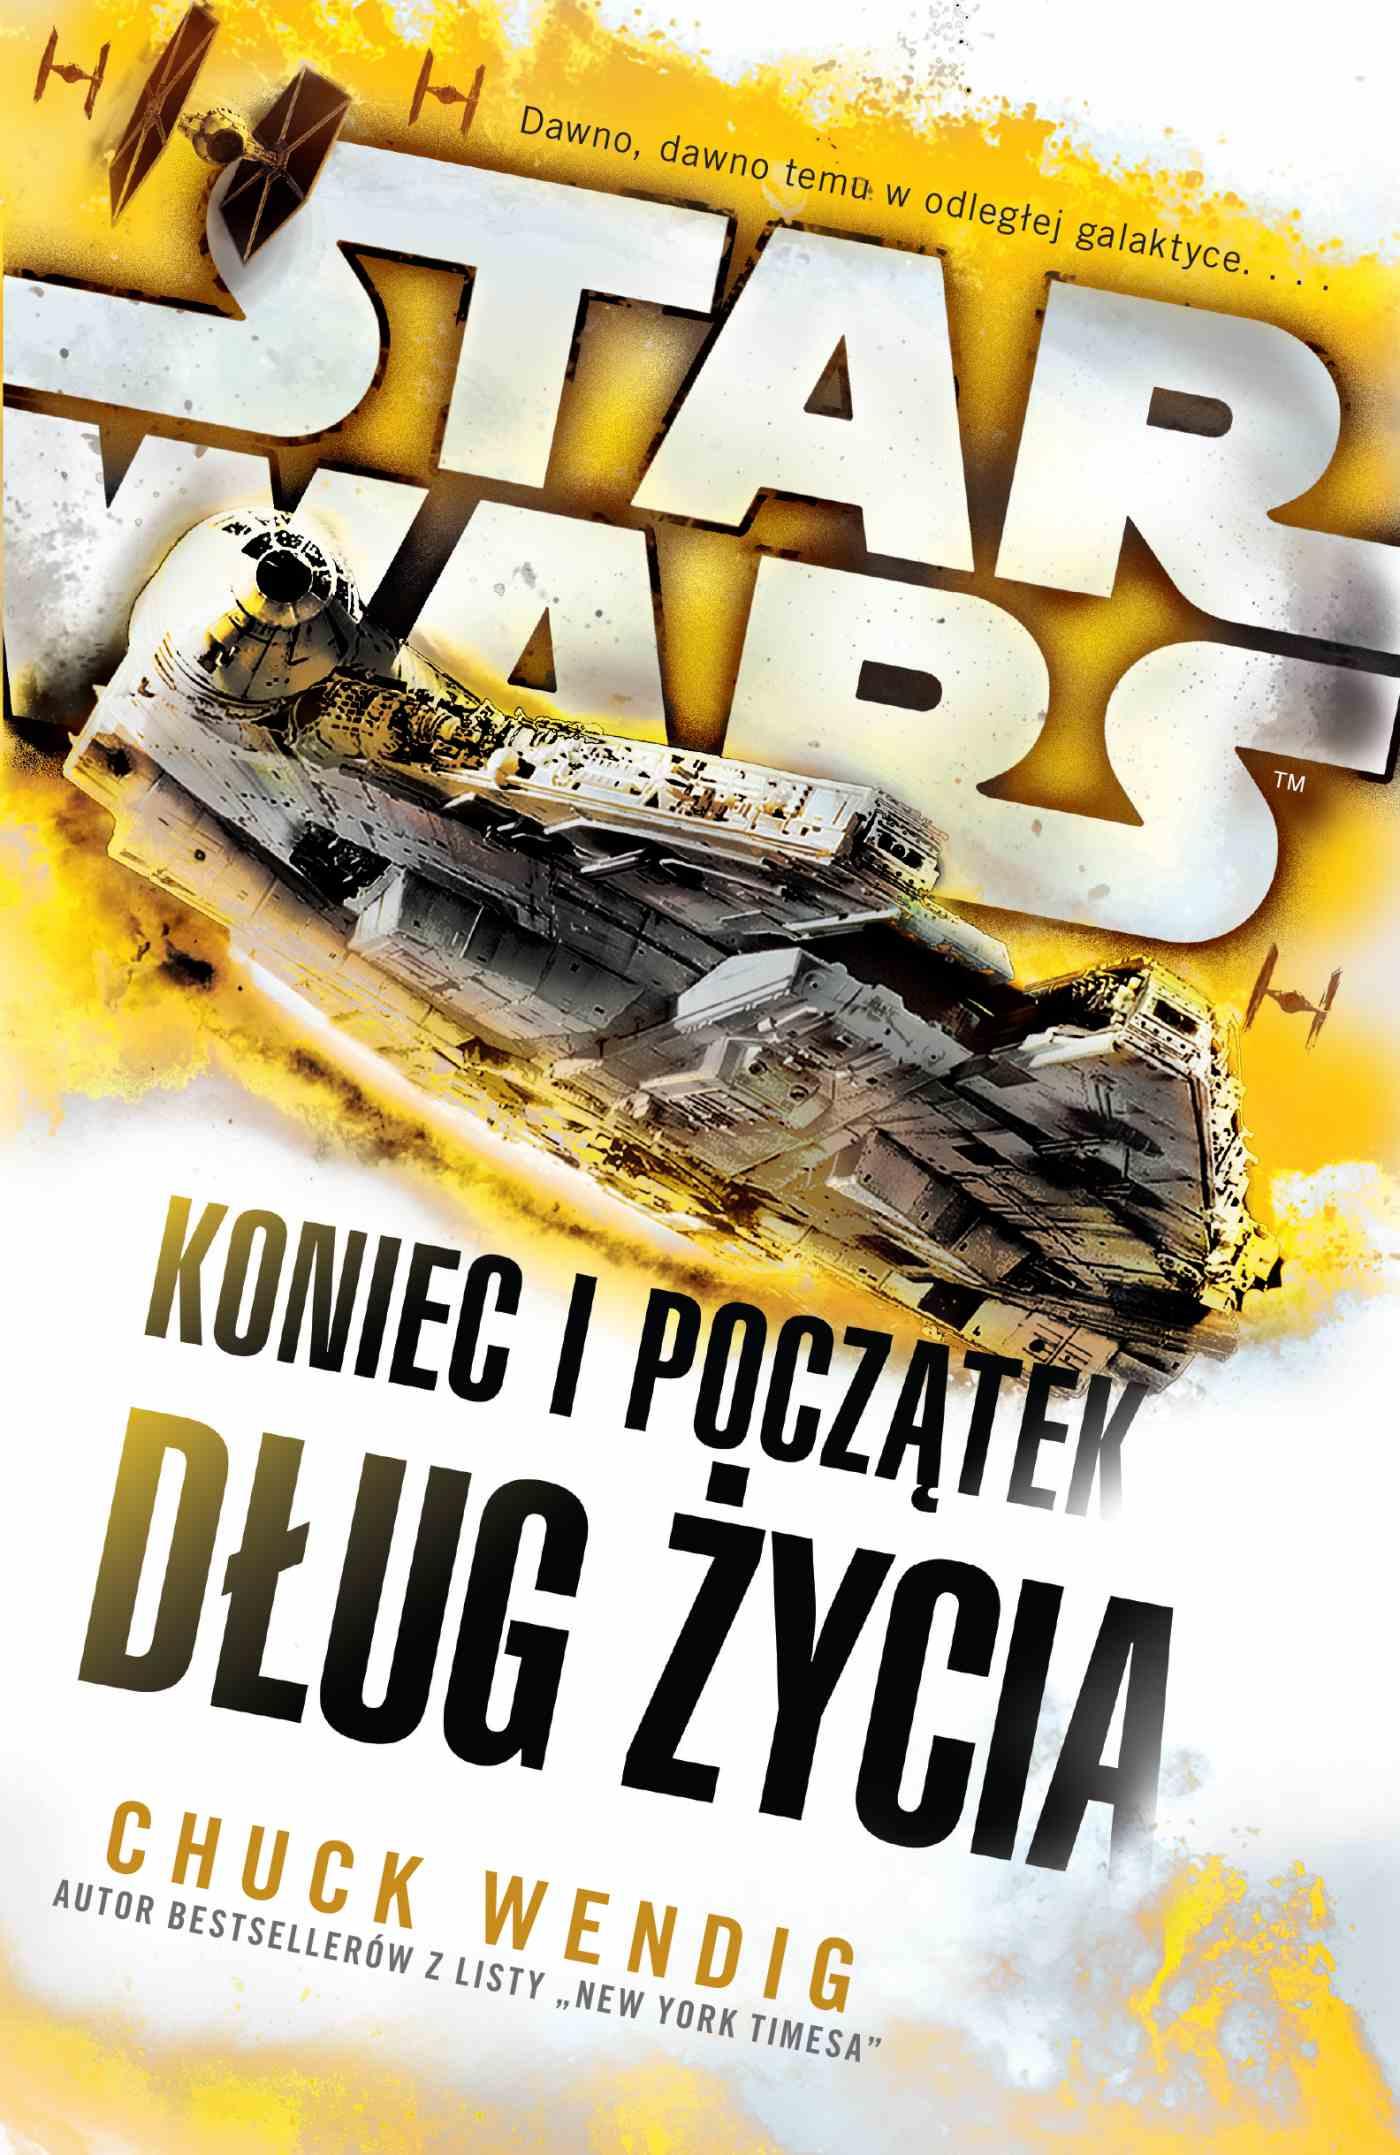 Star Wars. Koniec i początek. Dług życia - Ebook (Książka na Kindle) do pobrania w formacie MOBI